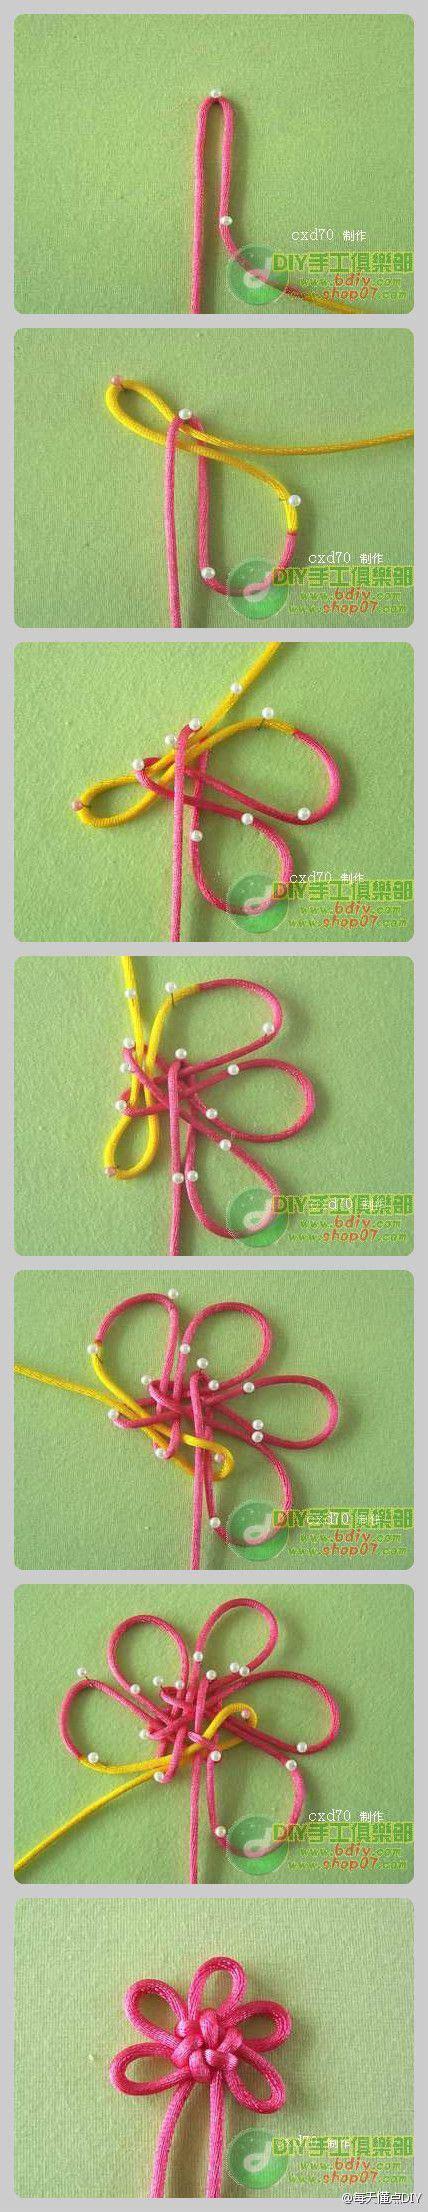 Macrame Flower Knot - cool knot diy